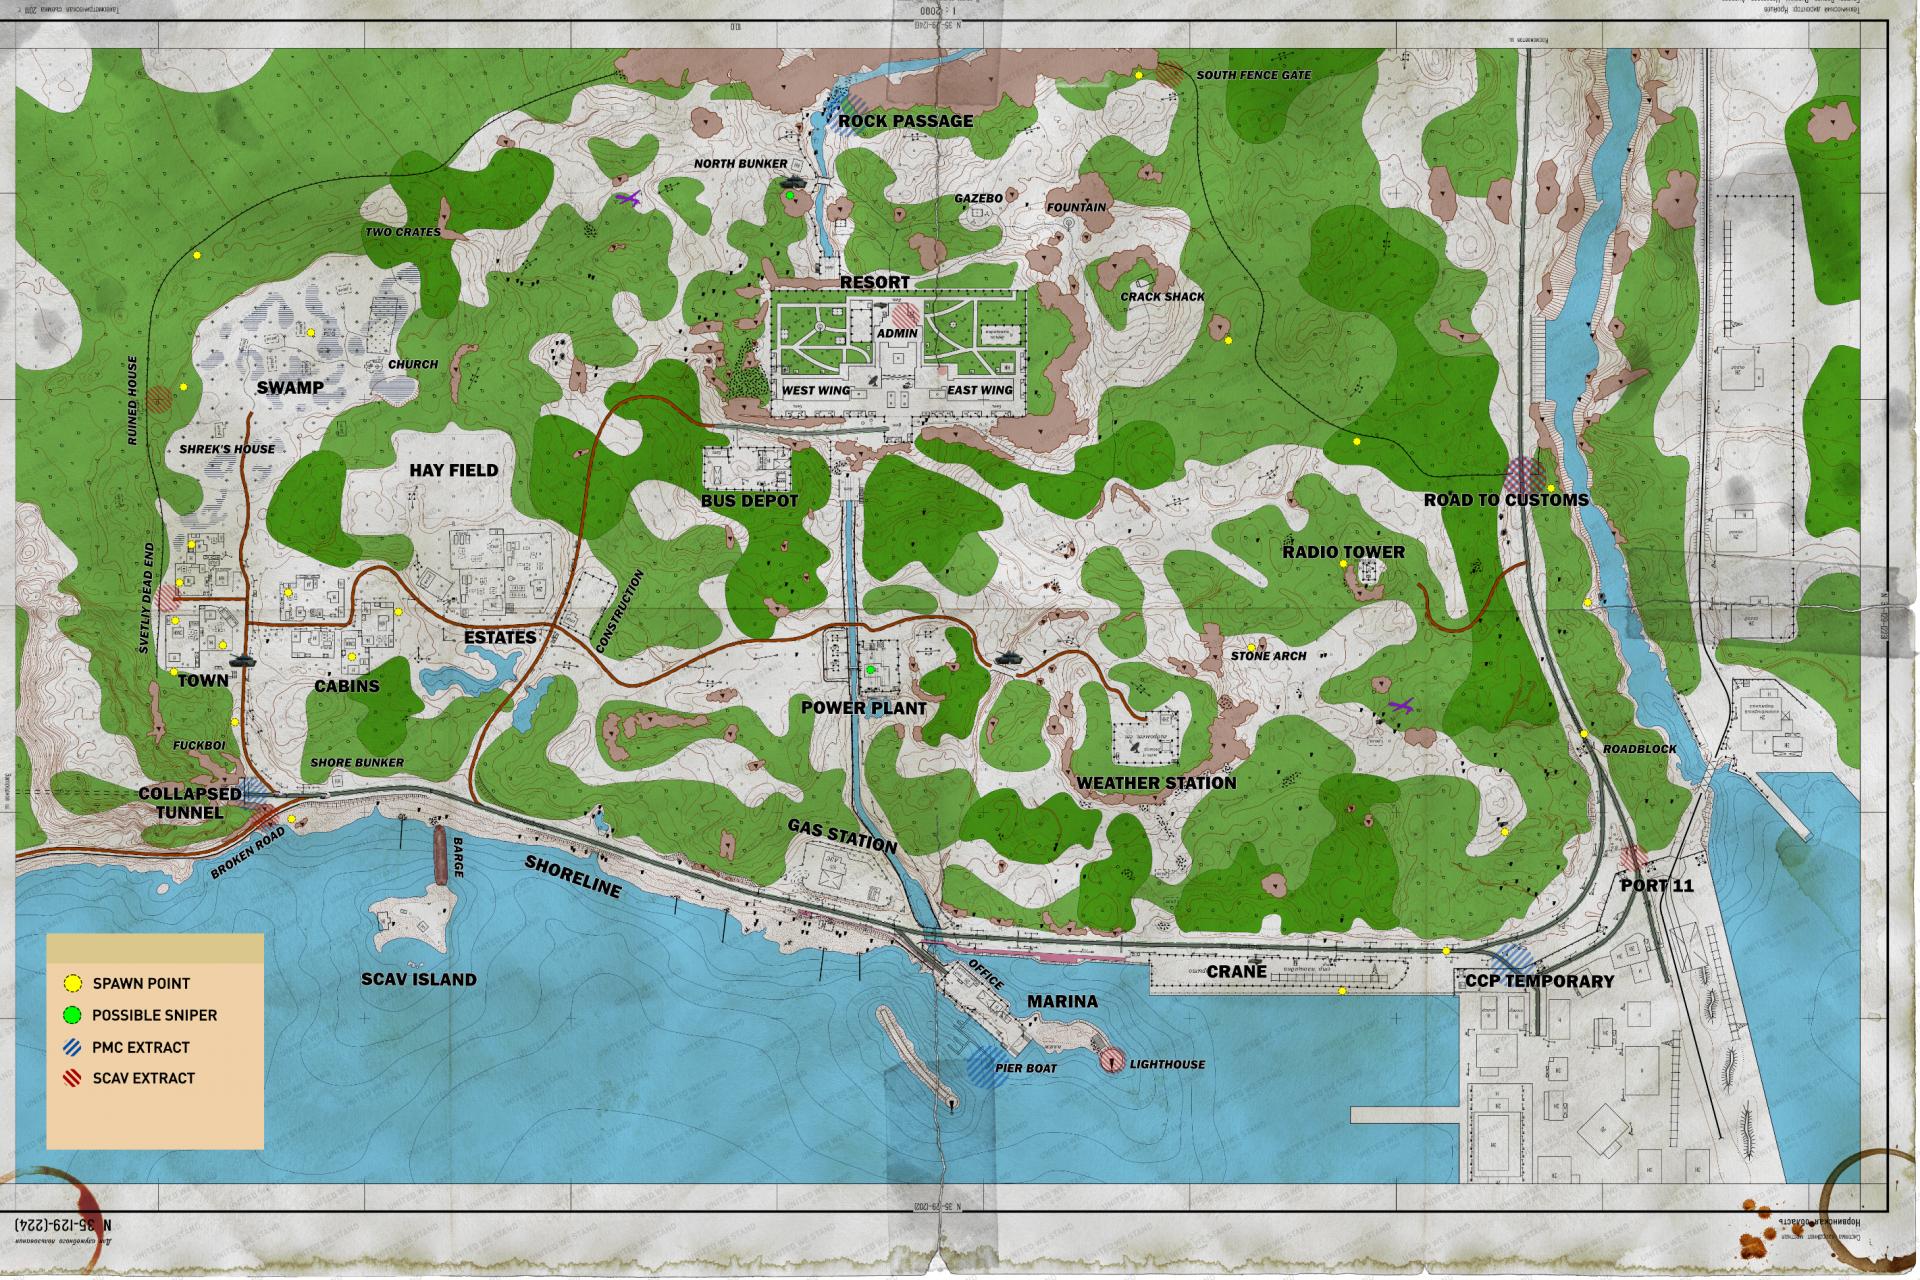 Shoreline.thumb.png.c46c02cafa6c987d9941fcf6235f7d32.png